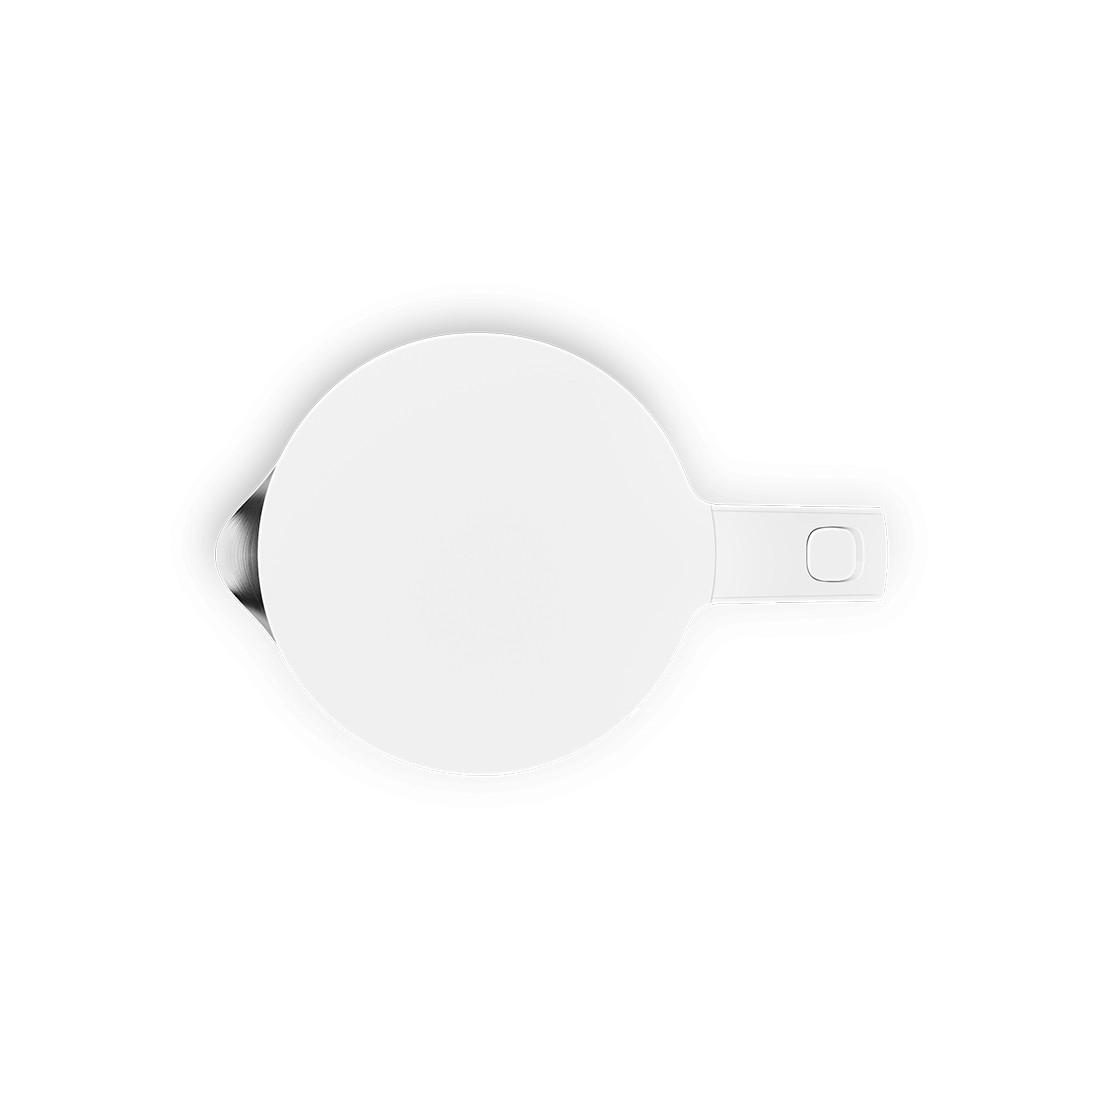 Чайник электрический, Xiaomi, MIJIA Smart Kettle (YMK1501) /ZHF4012GL - фото 2